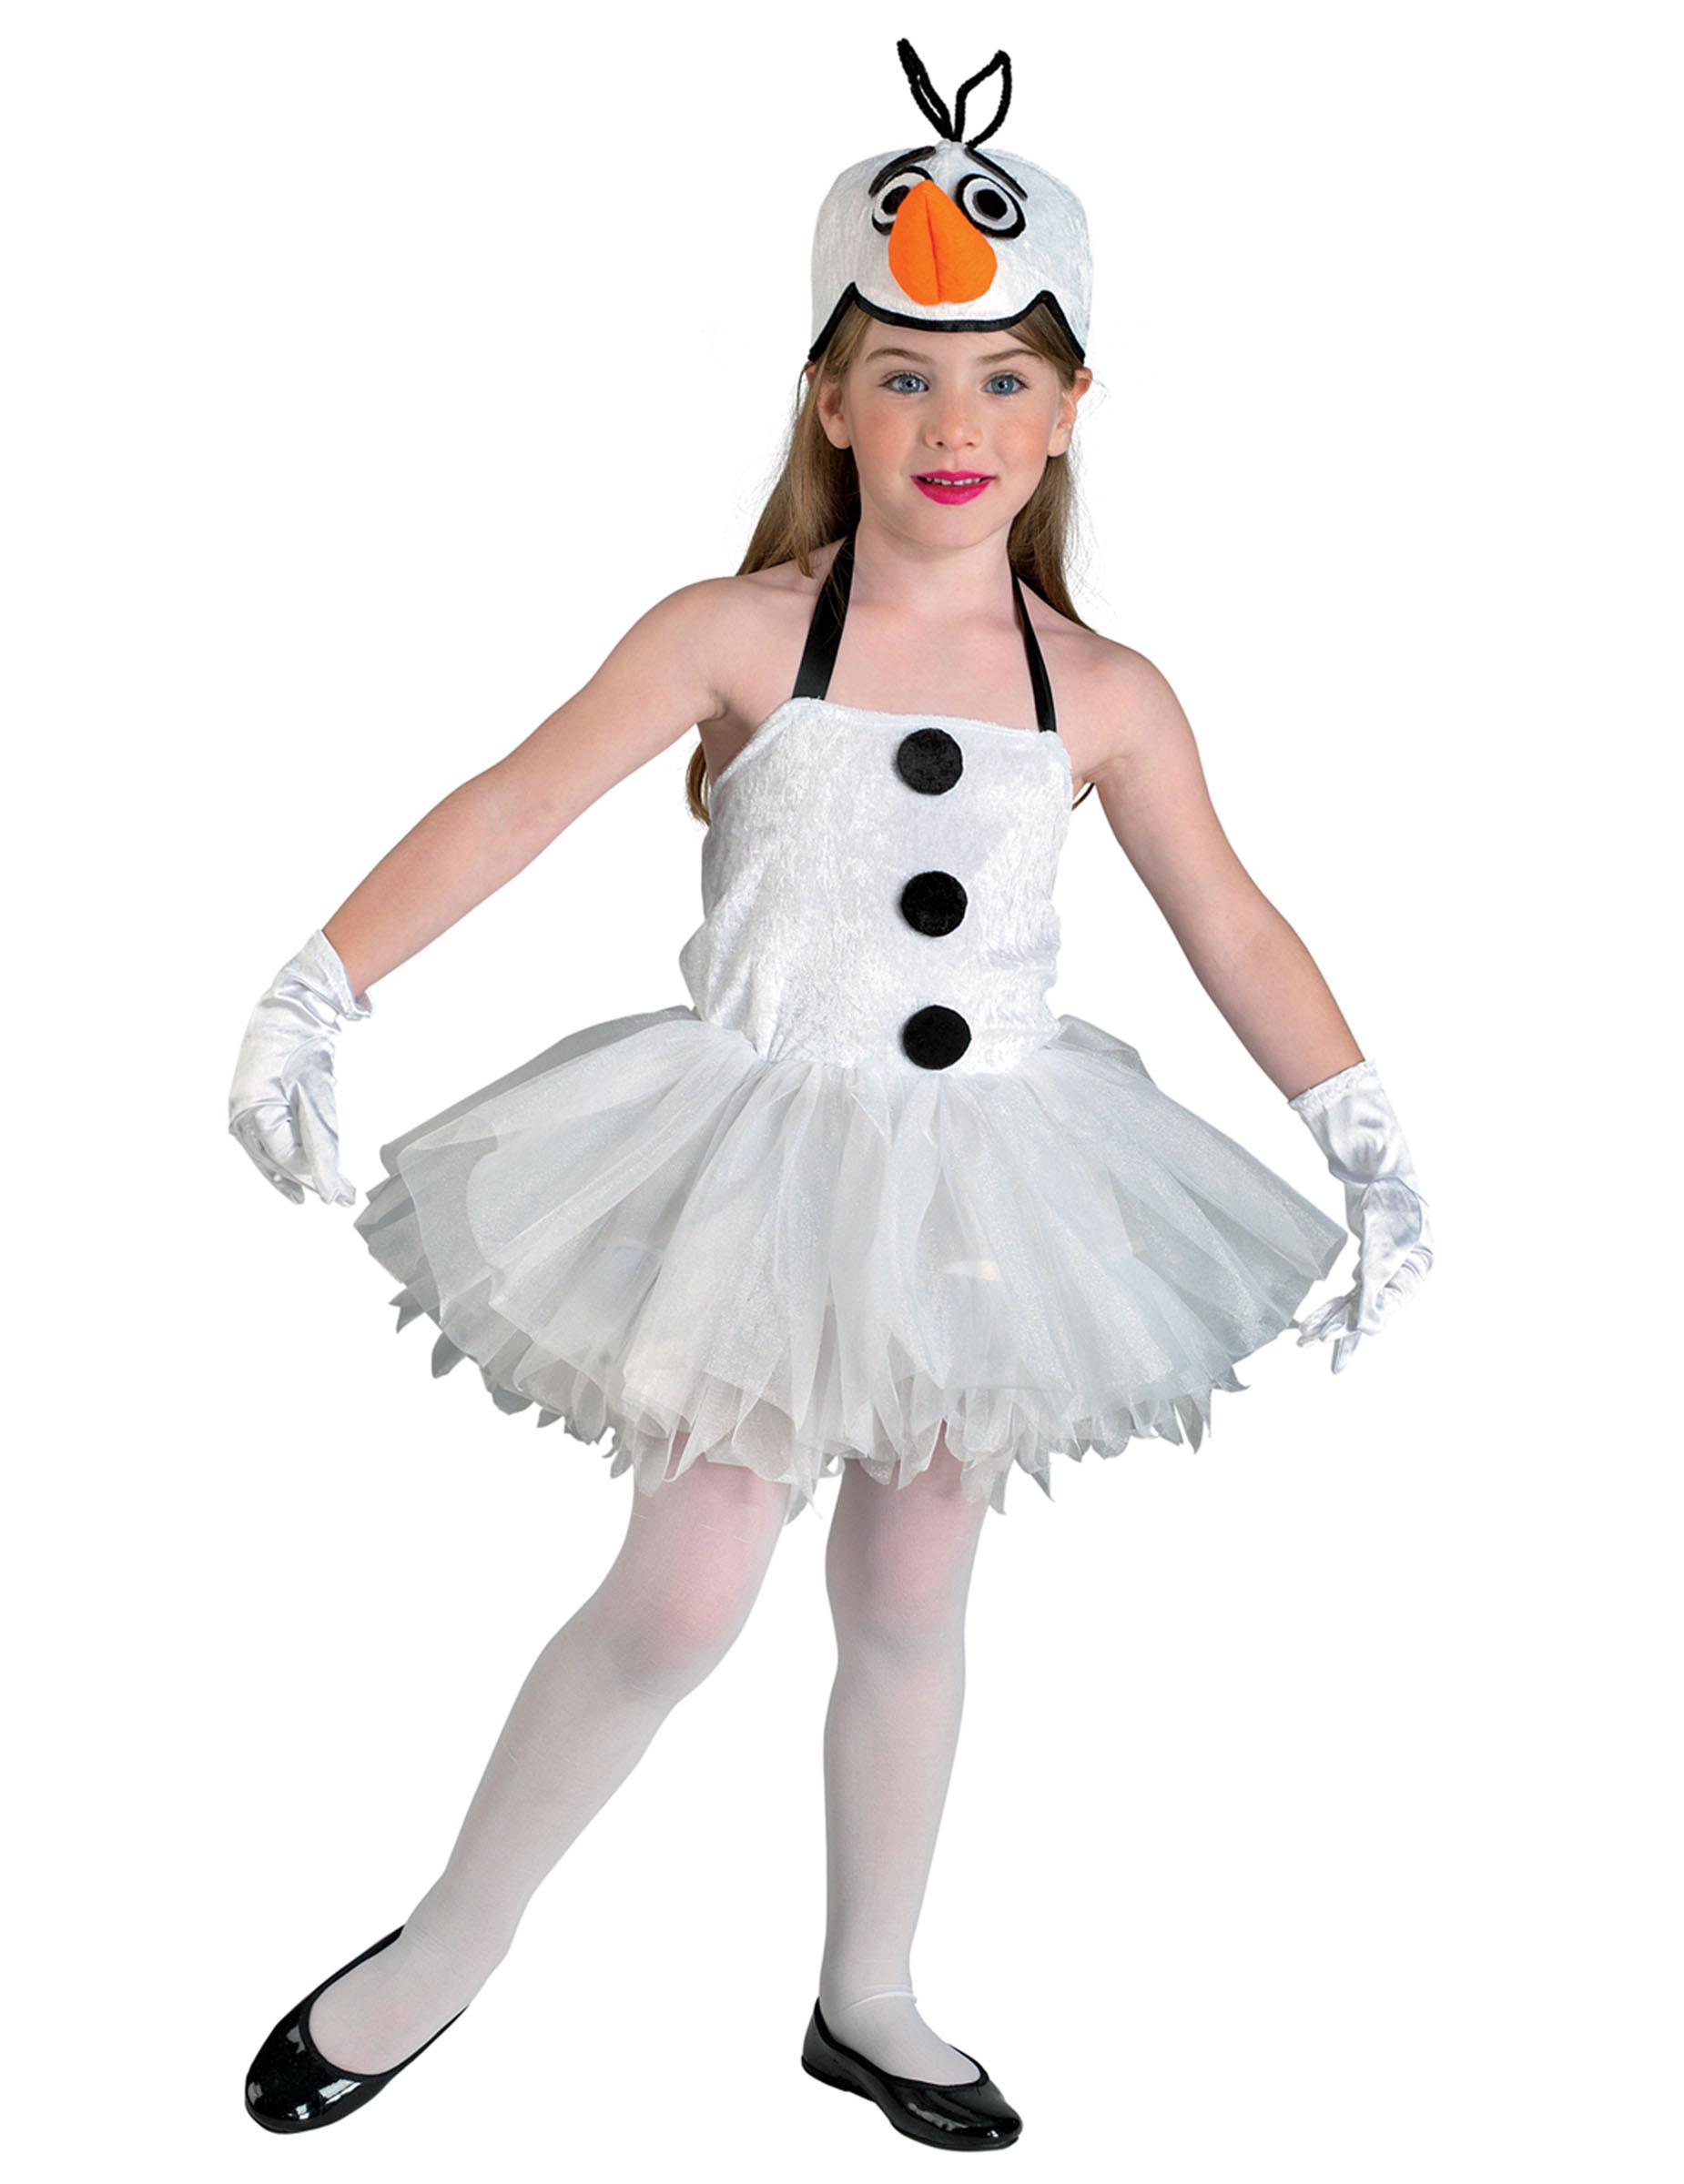 D guisement bonhomme de neige fille deguise toi achat de d guisements enfants - Bonhomme fille ...